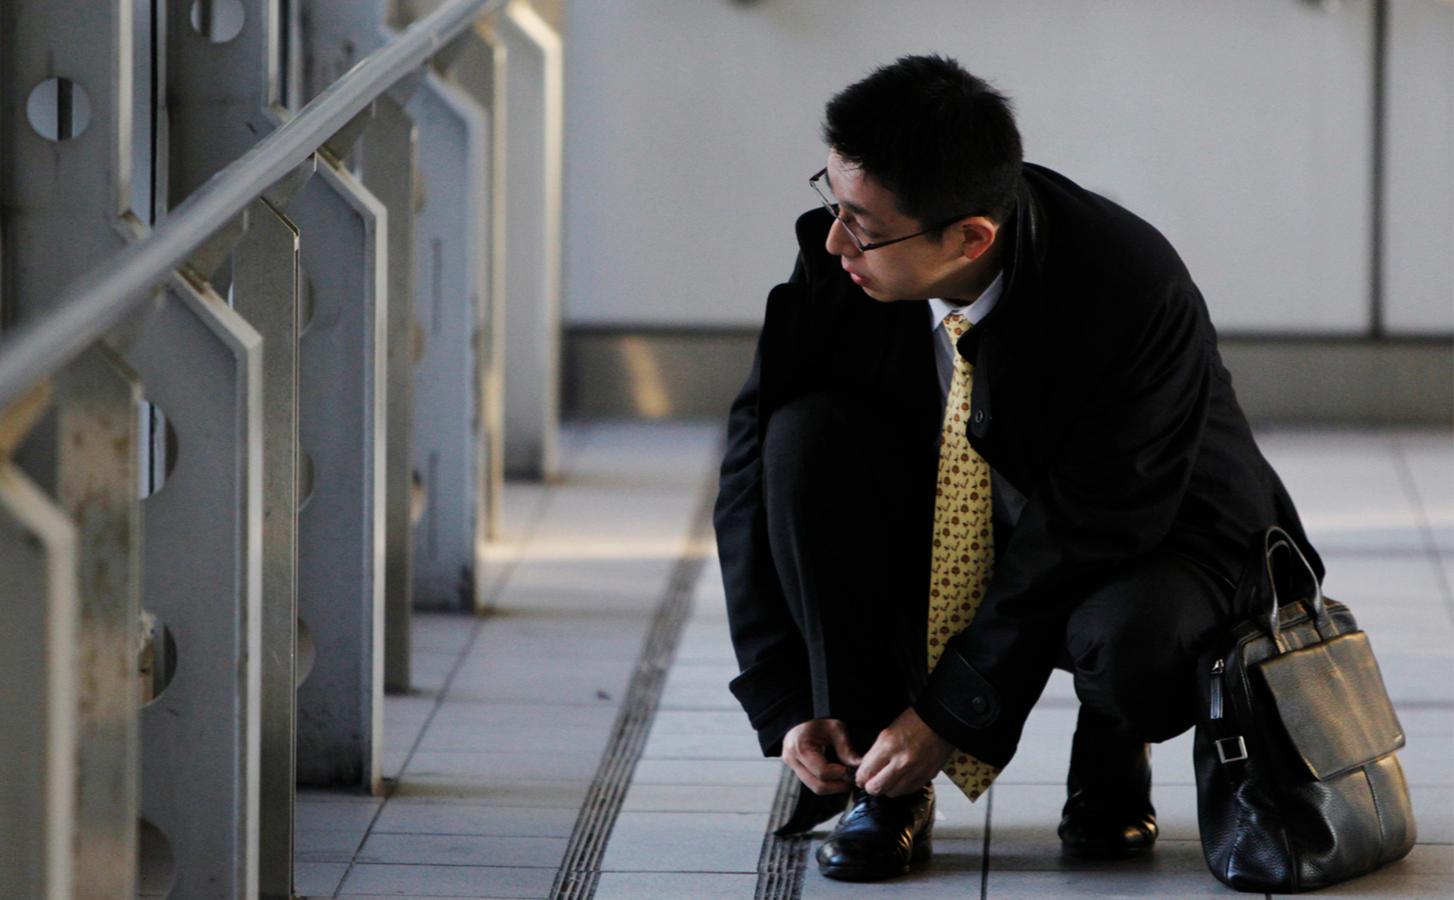 Фото: Yuya Shino / Reuters